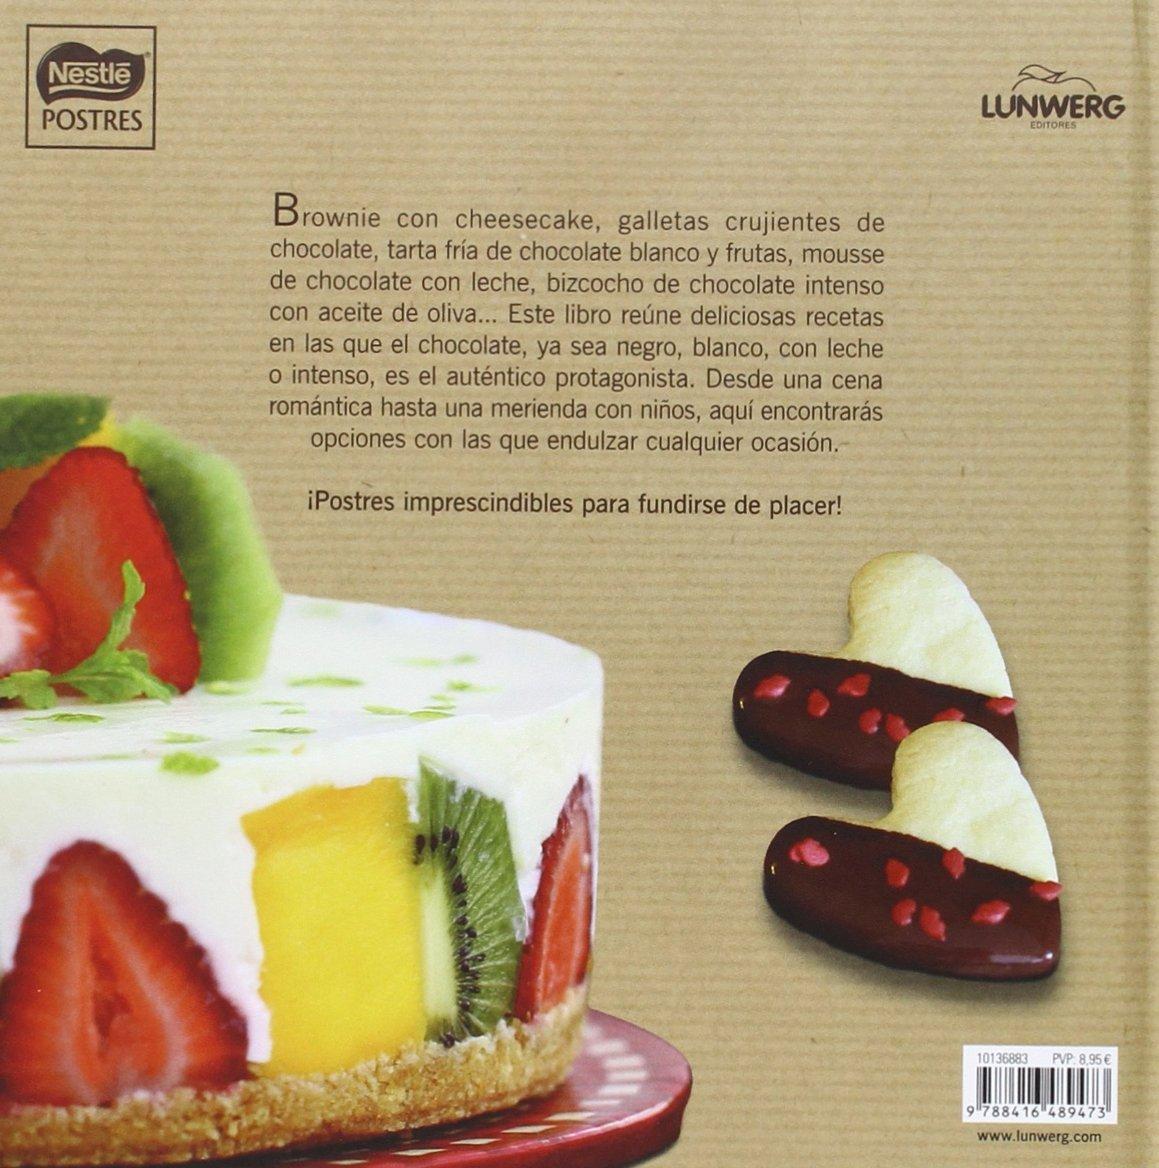 Fúndete de placer: Postres irresistibles para los amantes del chocolate Gastronomía: Amazon.es: Nestlé Postres: Libros